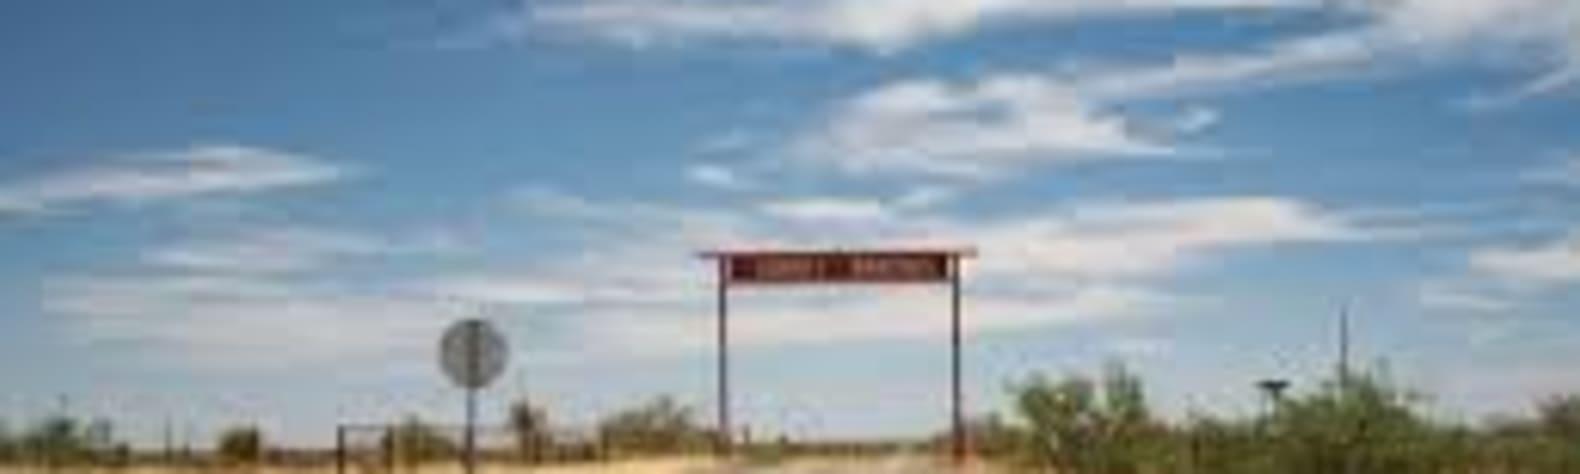 Walter M.'s Land